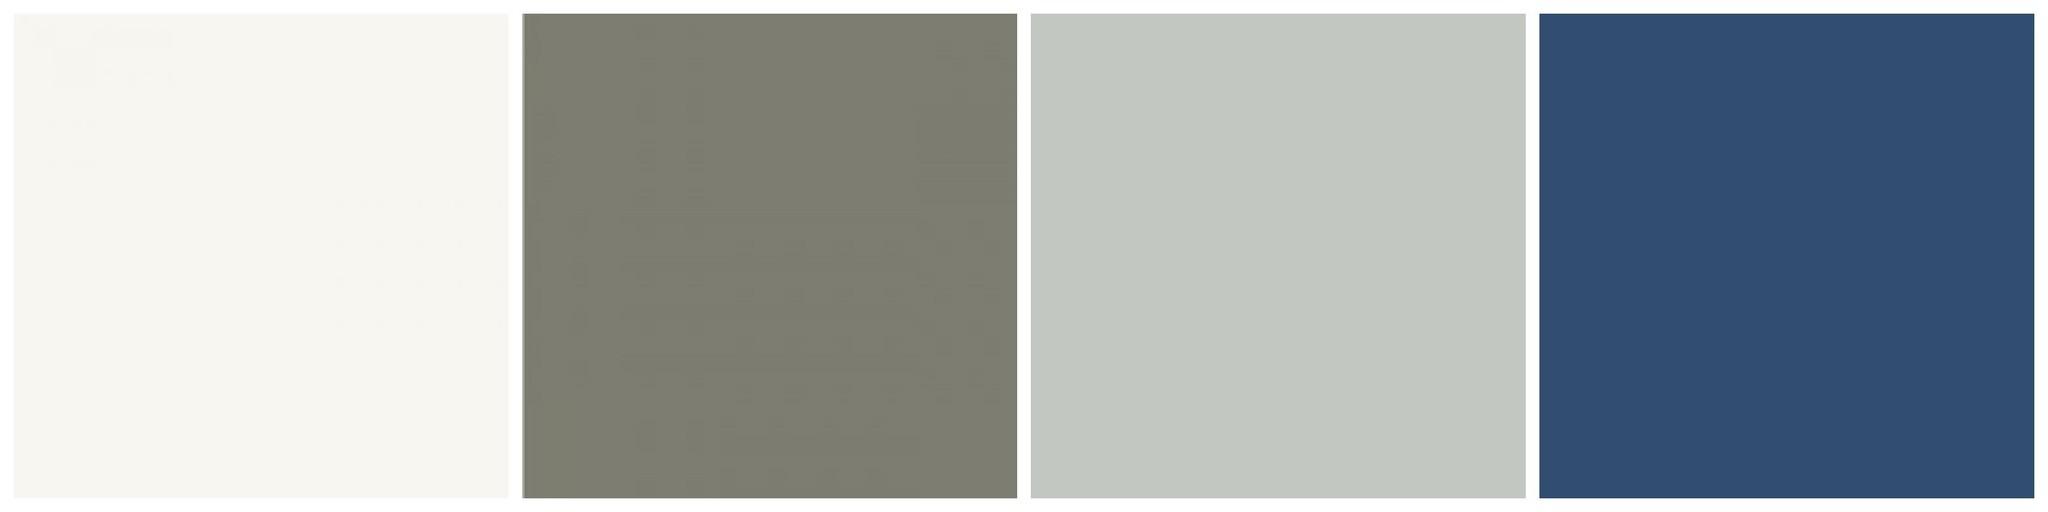 Kantoorvloer kleuren